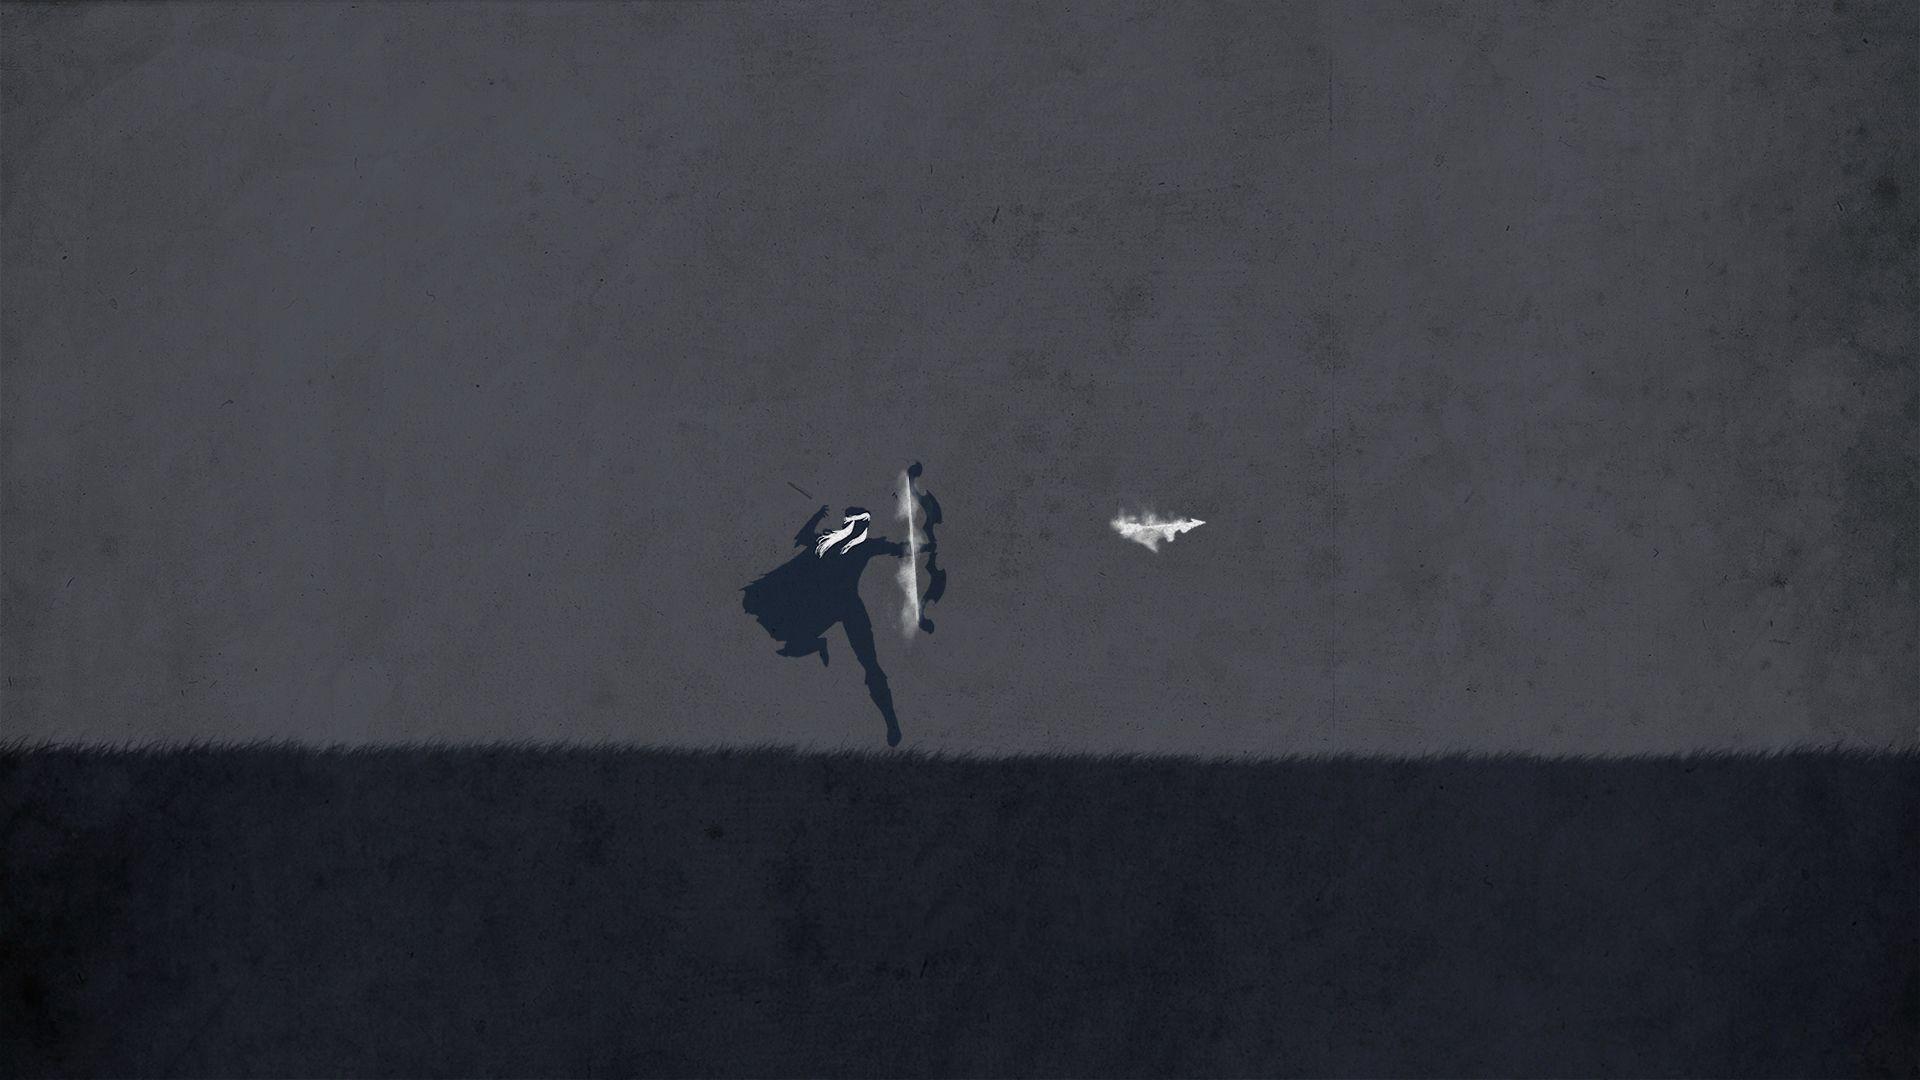 Best Dota 2 Wallpaper Drow Ranger Ranger Imgur Dota2 Wallpaper